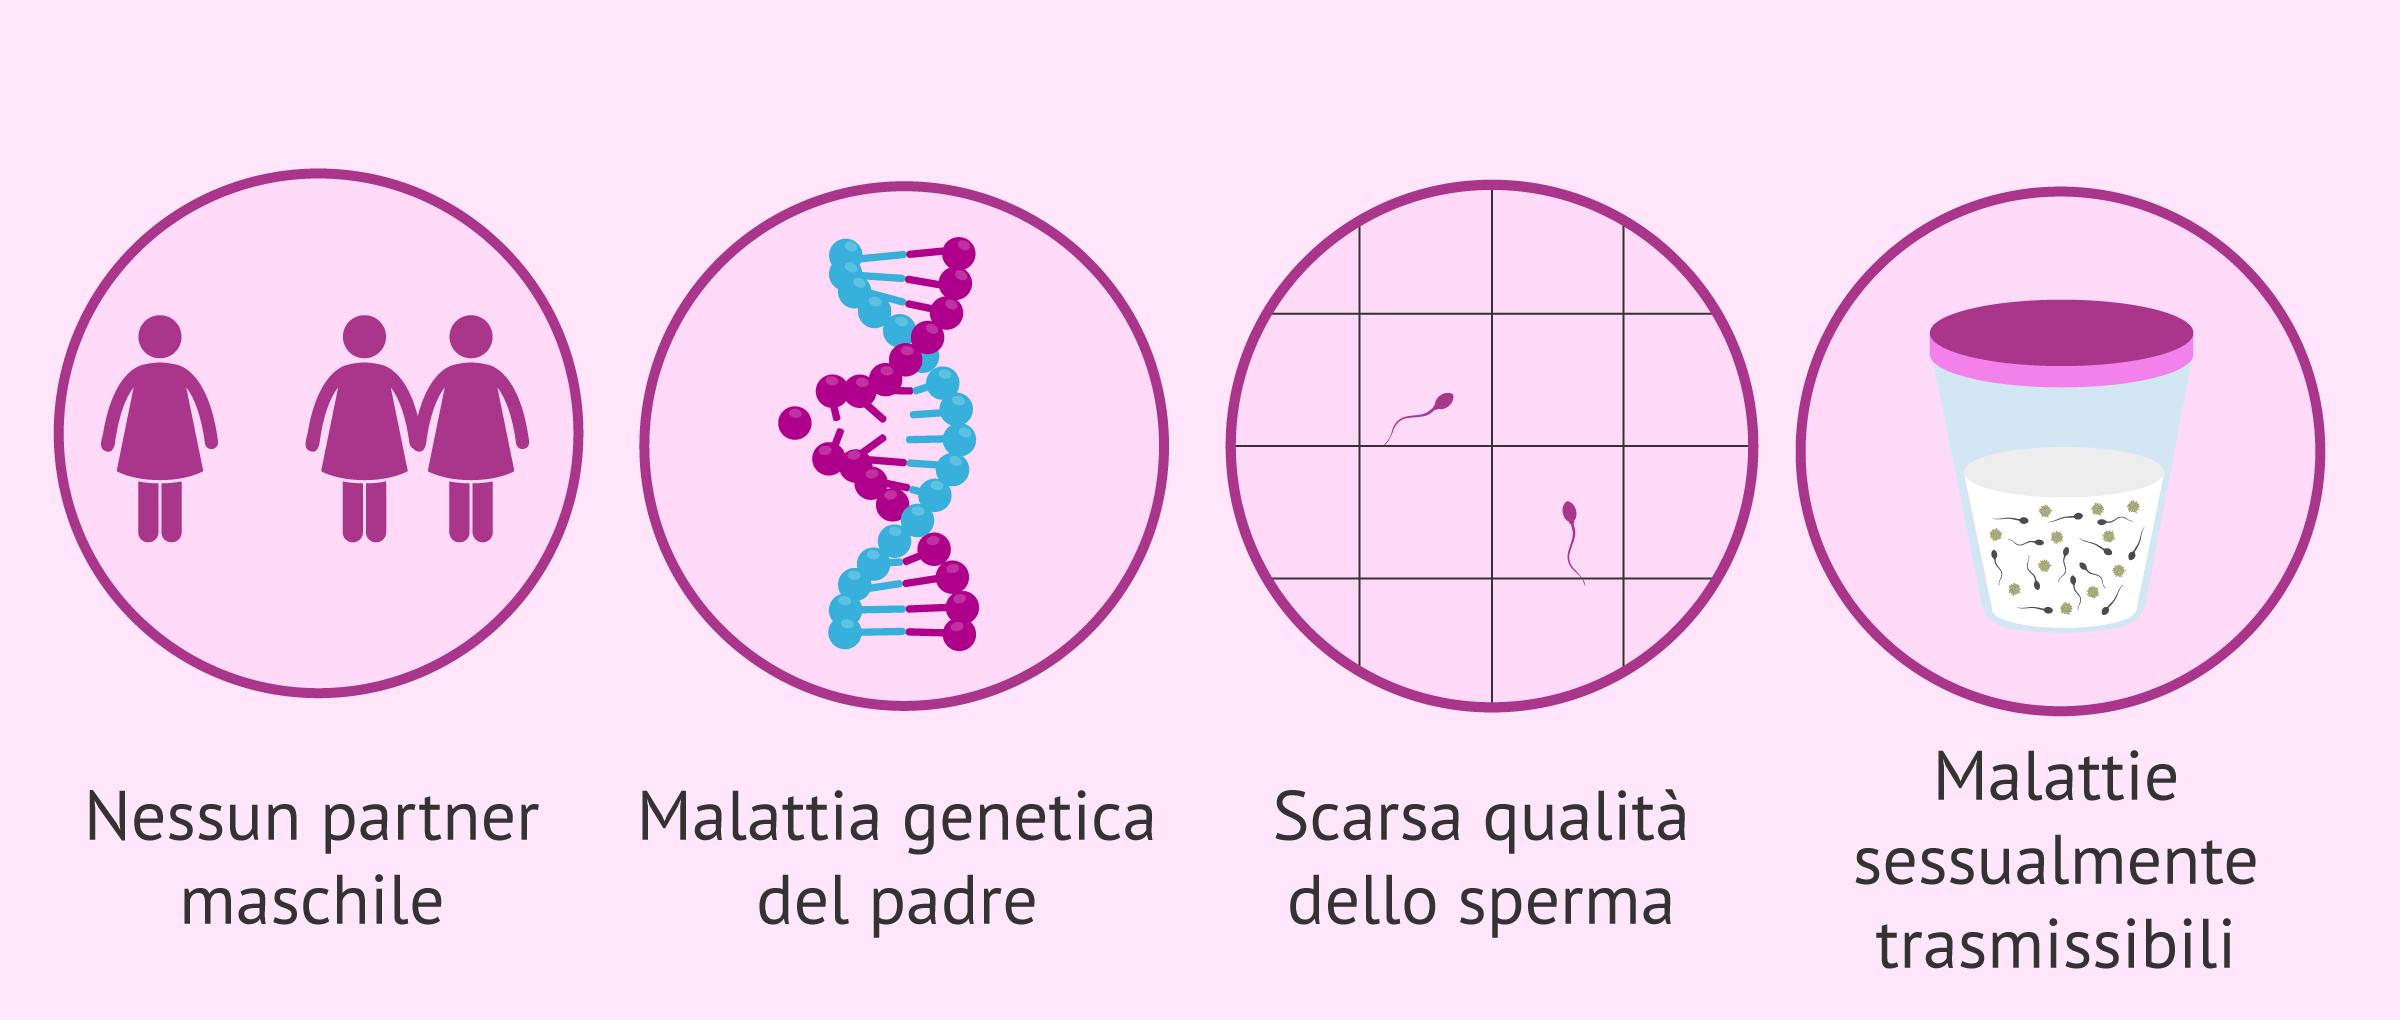 Indicazioni per l'inseminazione artificiale con sperma di un donatore